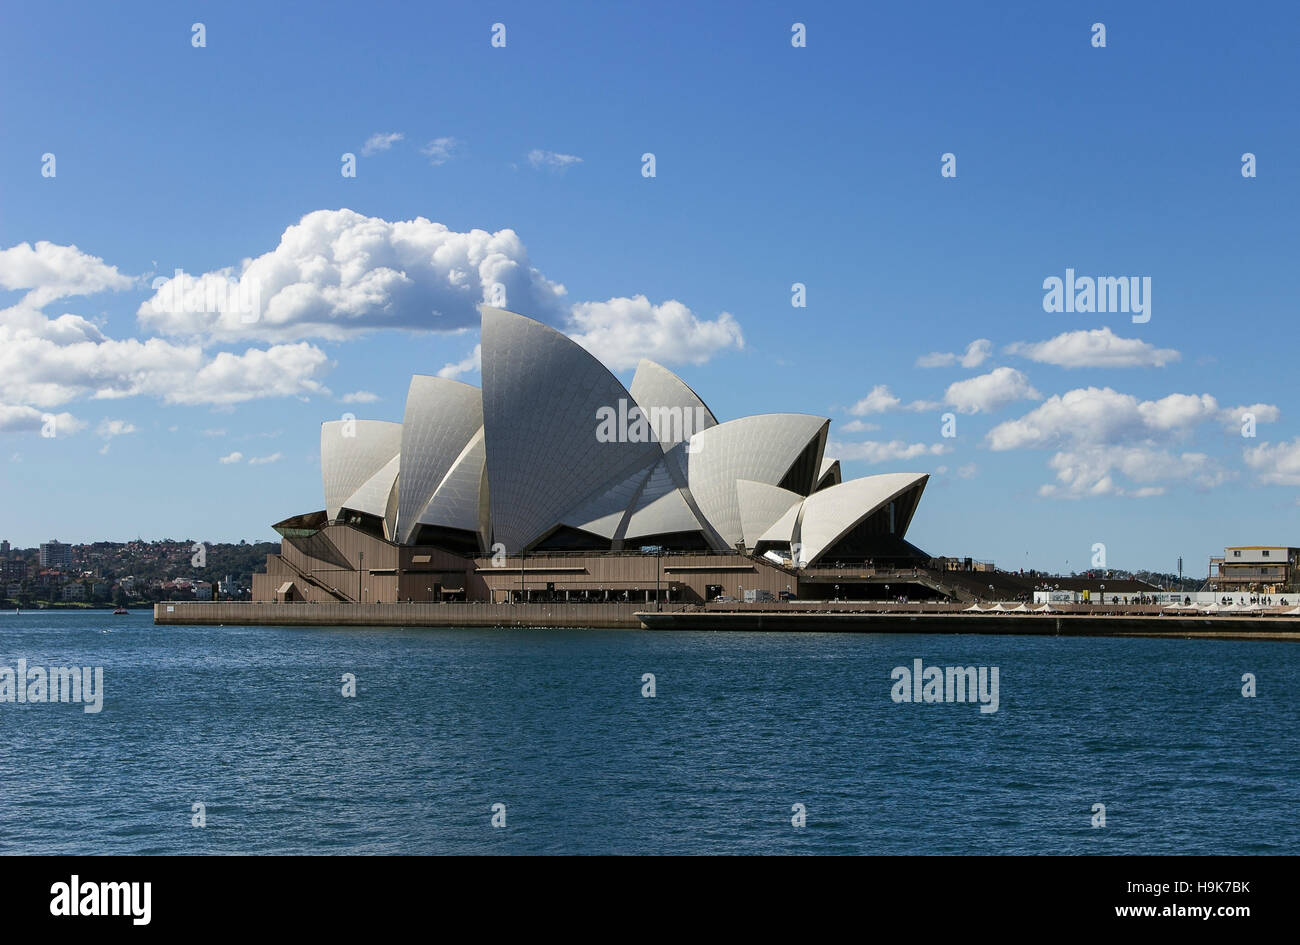 Das Sydney Opera House ist ein Multi-Veranstaltungsort Performing Arts Centre in Sydney, Australien. Stockfoto